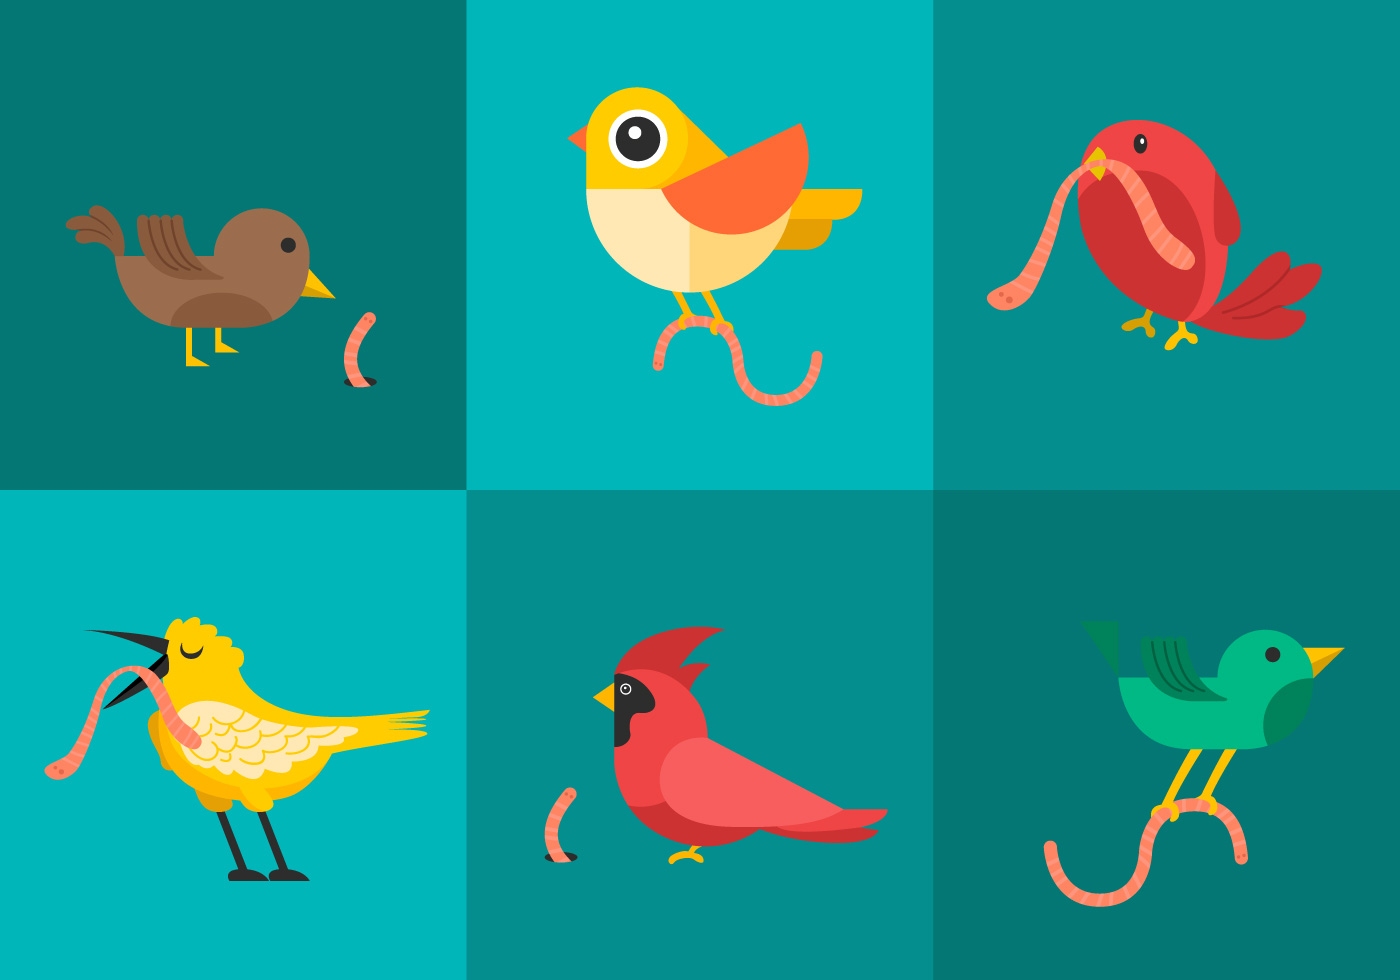 early bird Early bird  คำนาม early birds early bird หมายความว่า คนตื่นเช้า(กว่าคนปกติ) หรือ คนมาเร็ว หรือ คนมาเช้า ซึ่งคือมาถึงสถานที่ก่อนเวลาเปิดทำการหรือก่อนคนอื่น ๆ.